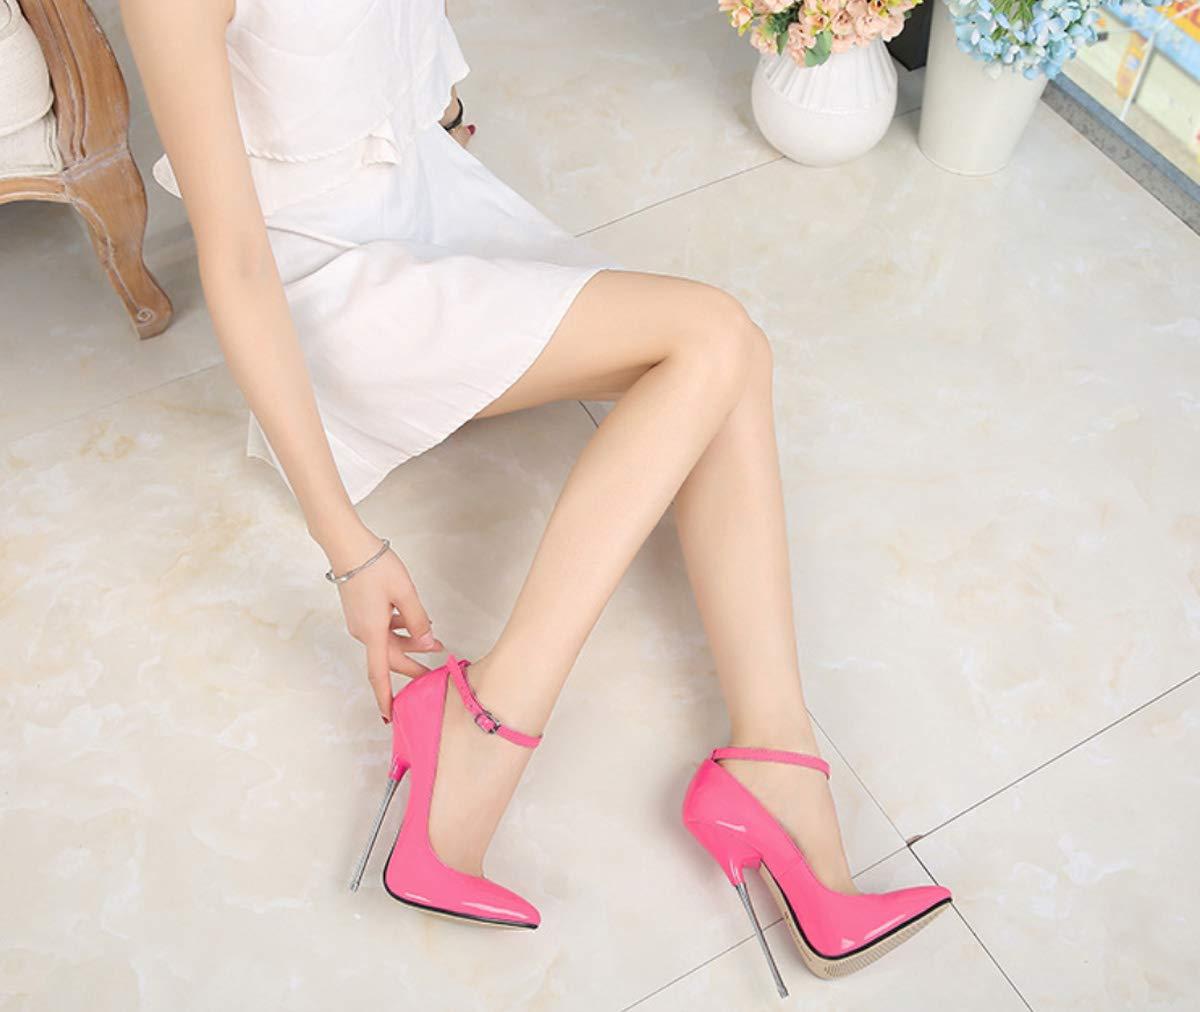 DANDANJIE Damen Super High High High Heel Schuhe Mode Knöchelriemen Stiletto Absatz Spitze Hochzeit Schuhe 622d99